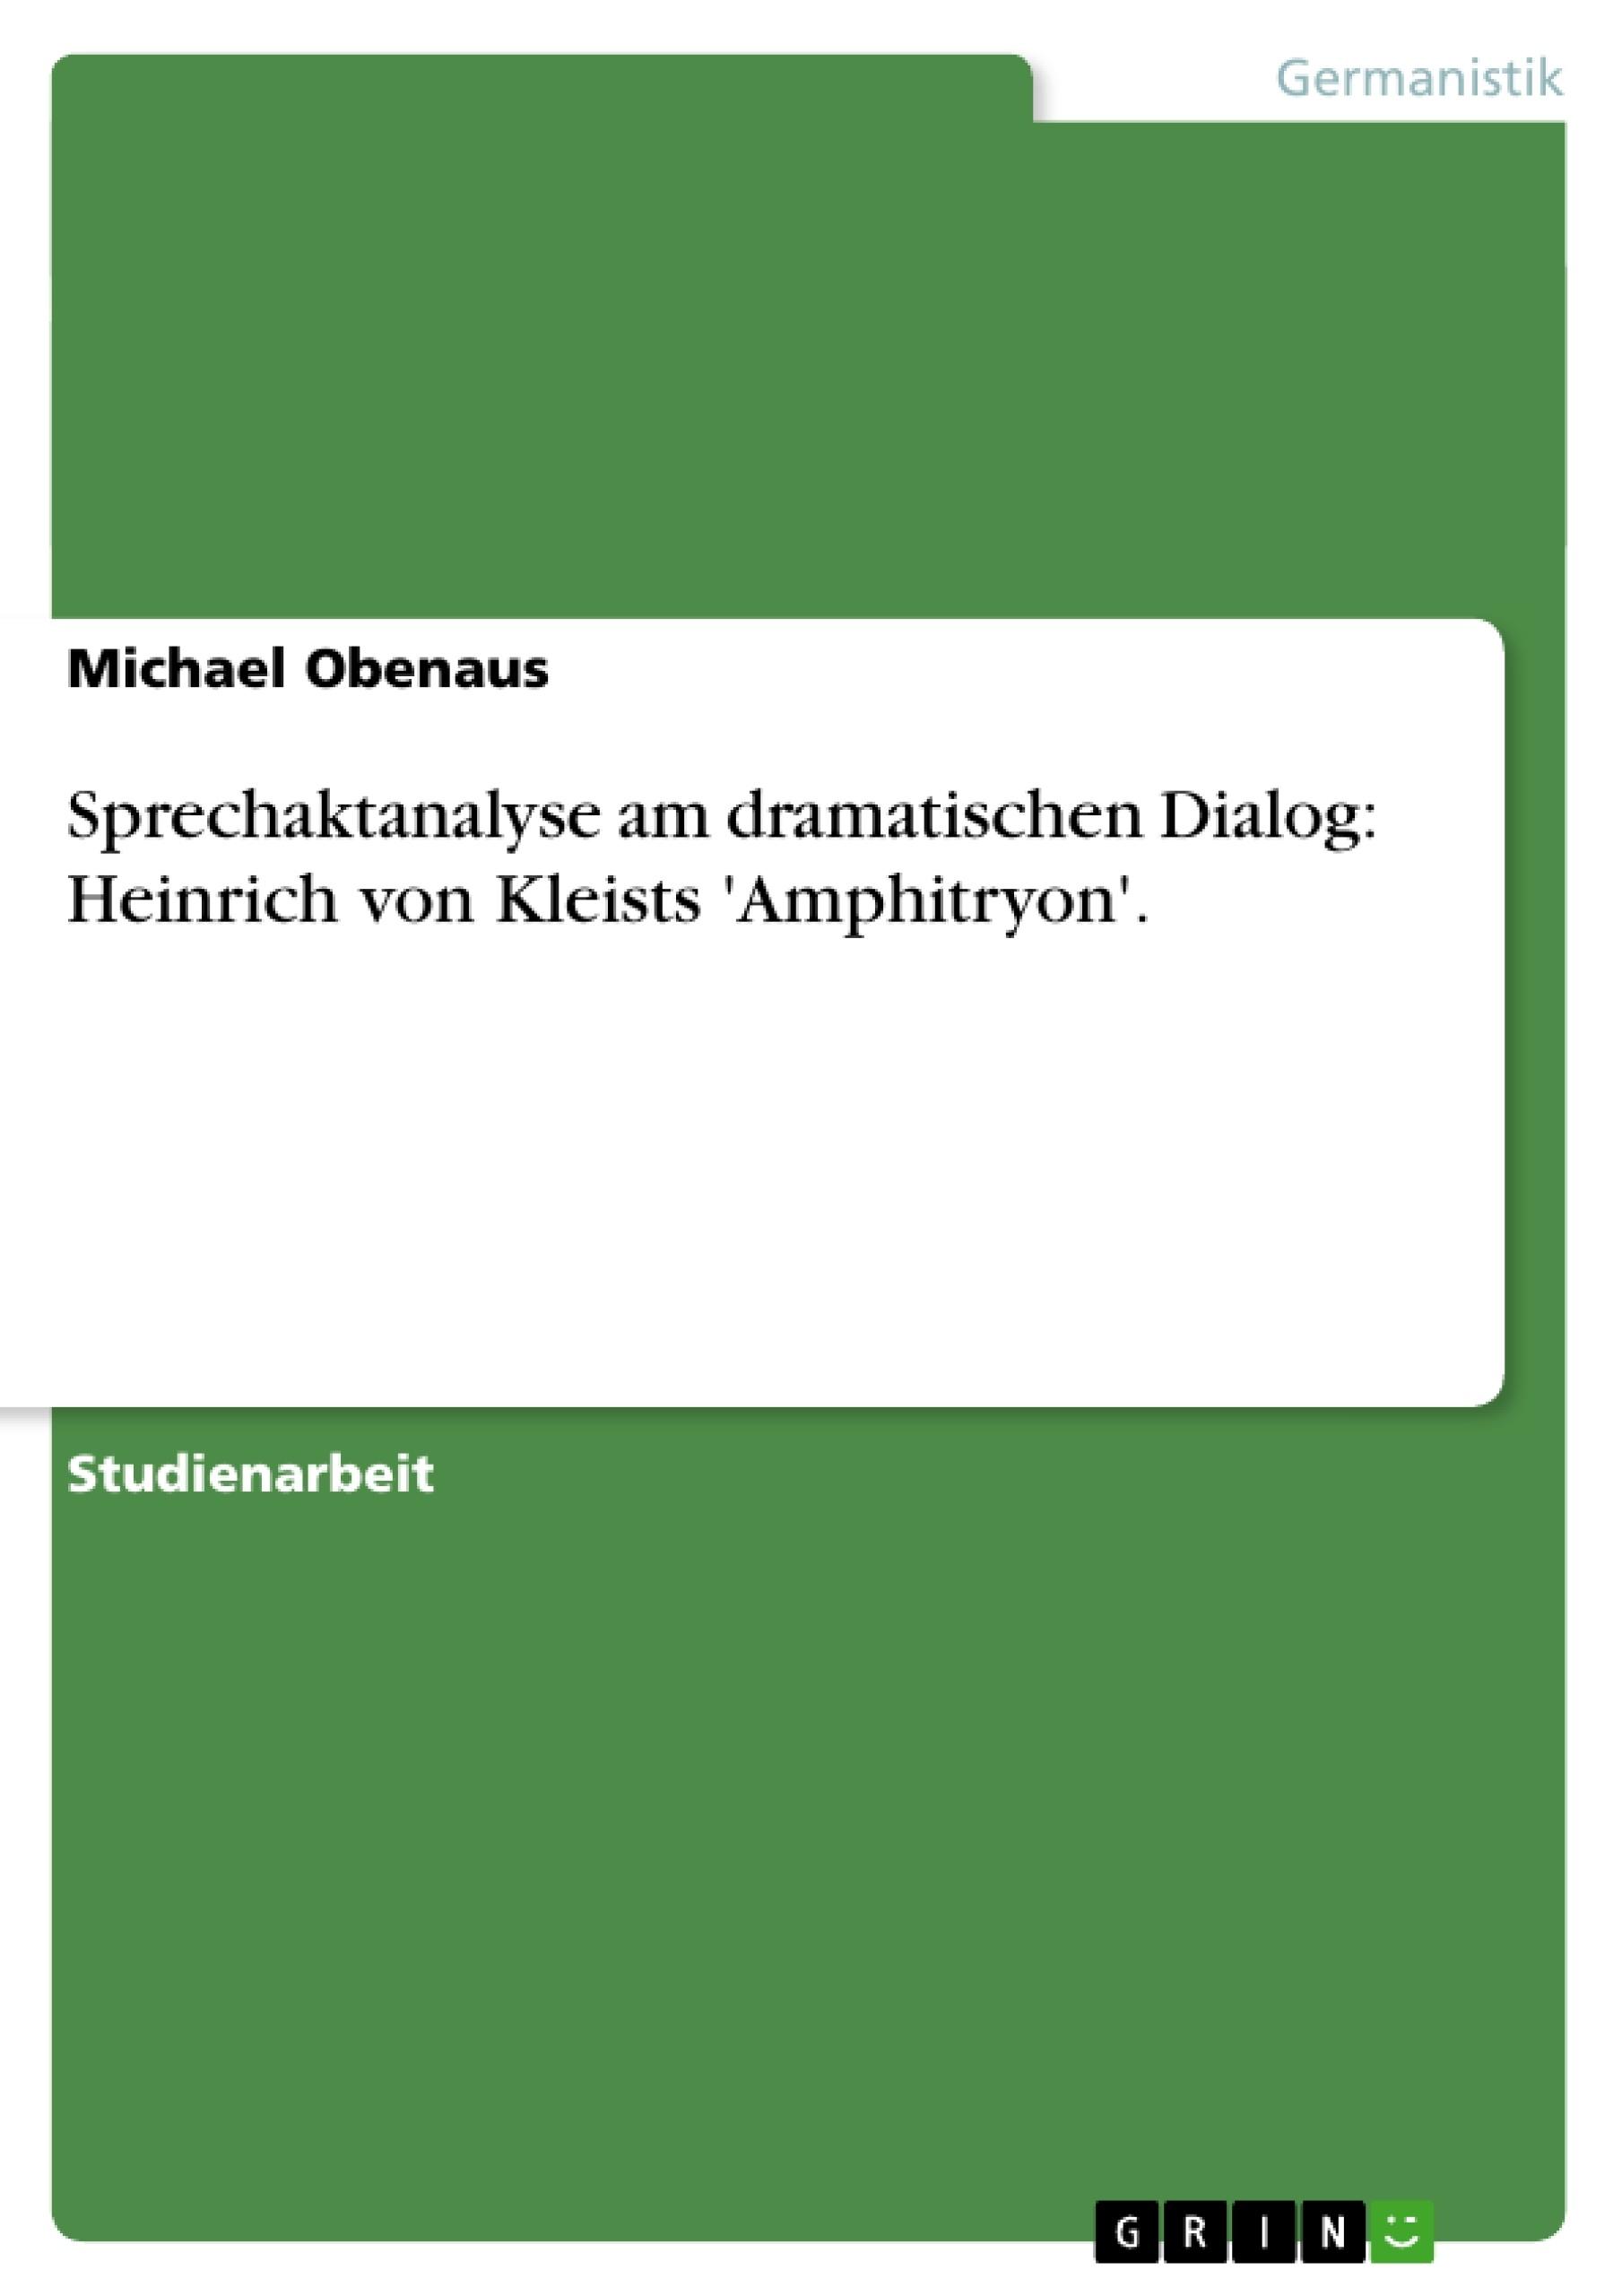 Titel: Sprechaktanalyse am dramatischen Dialog: Heinrich von Kleists 'Amphitryon'.